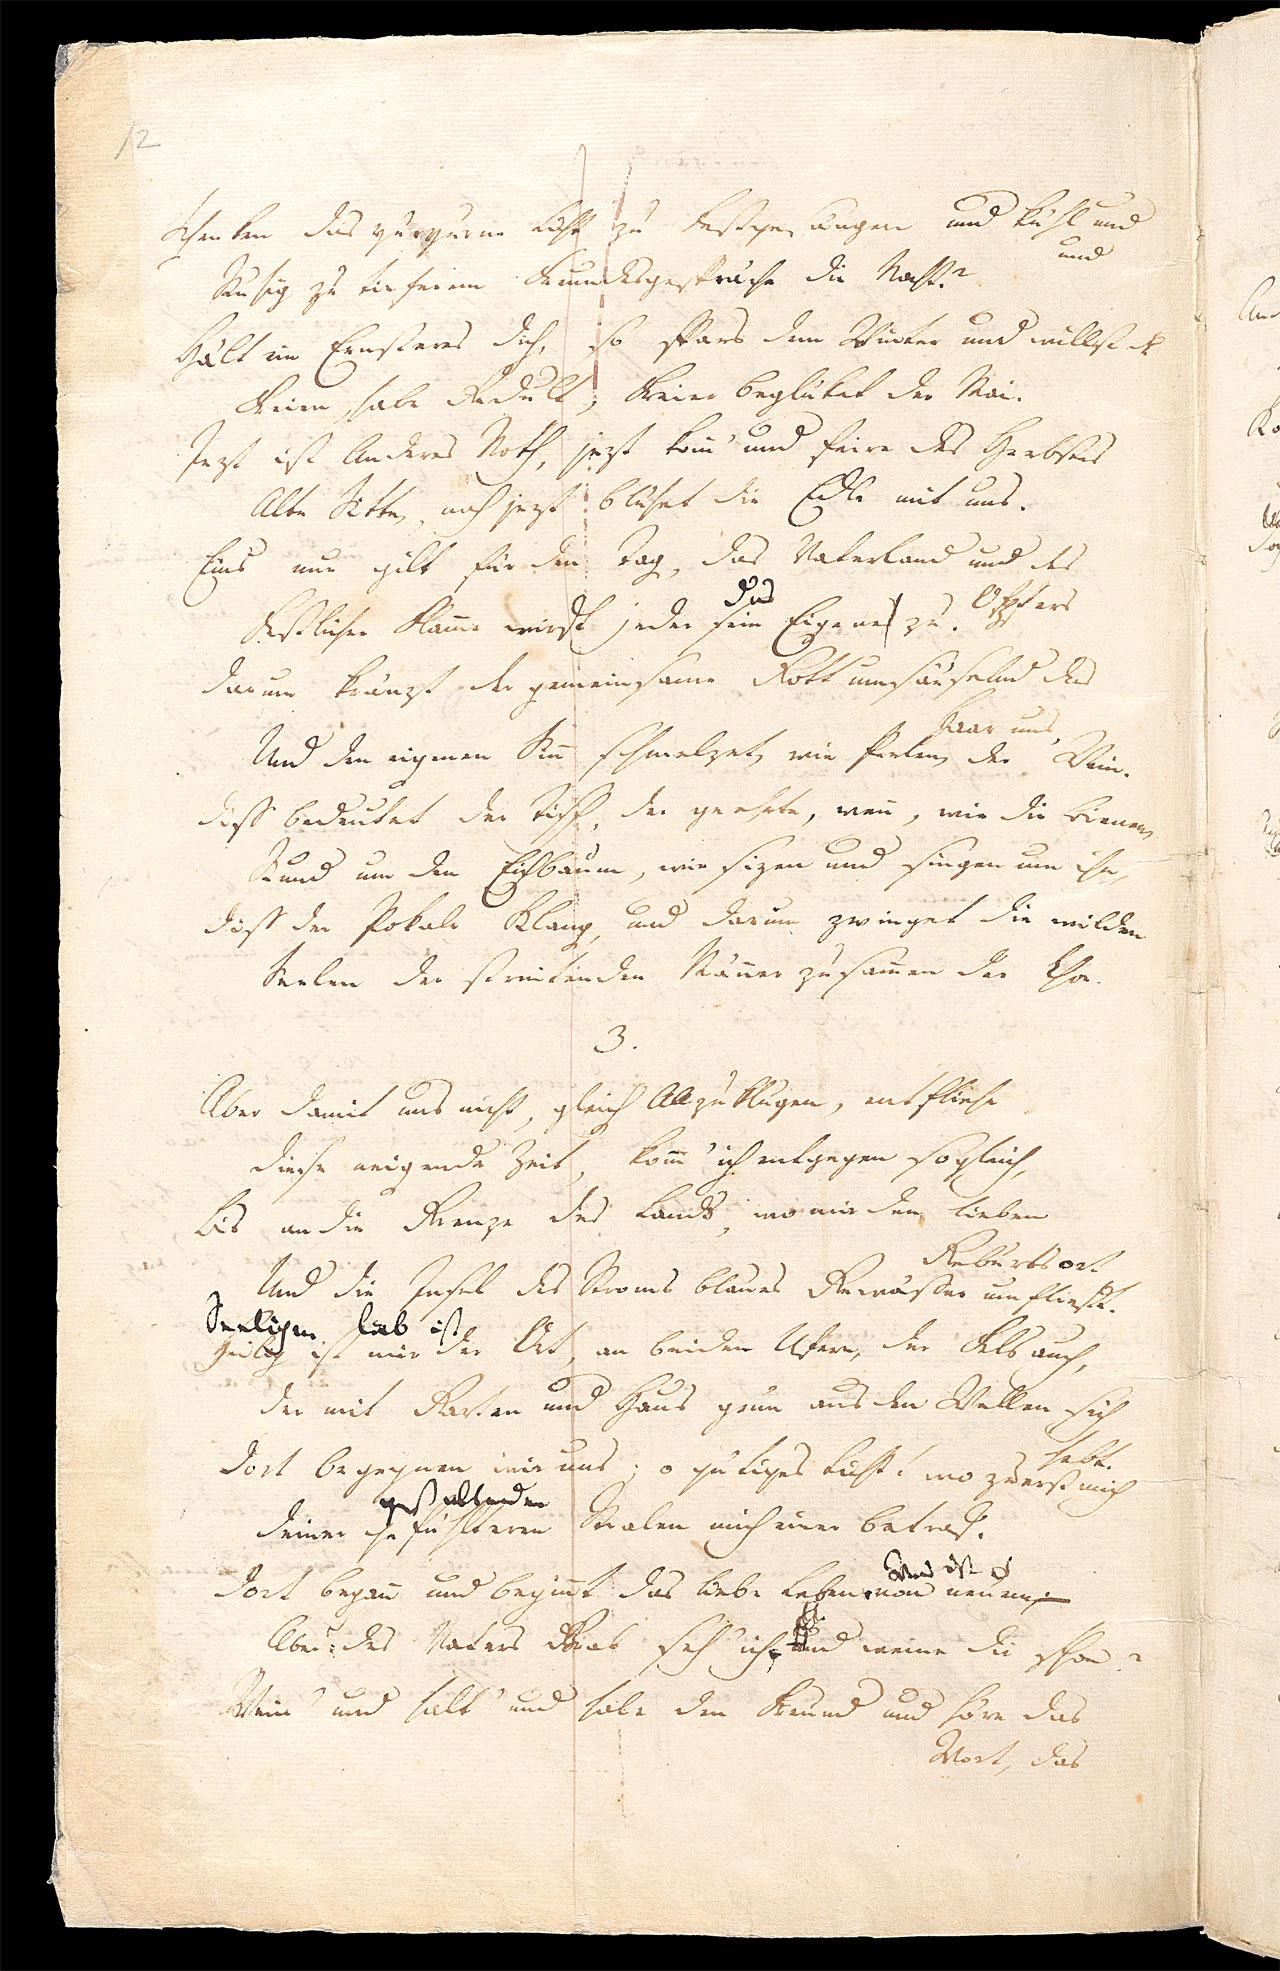 Friedrich Hölderlin, Homburger Folioheft, Seite 12, Stutgard, Handschrift